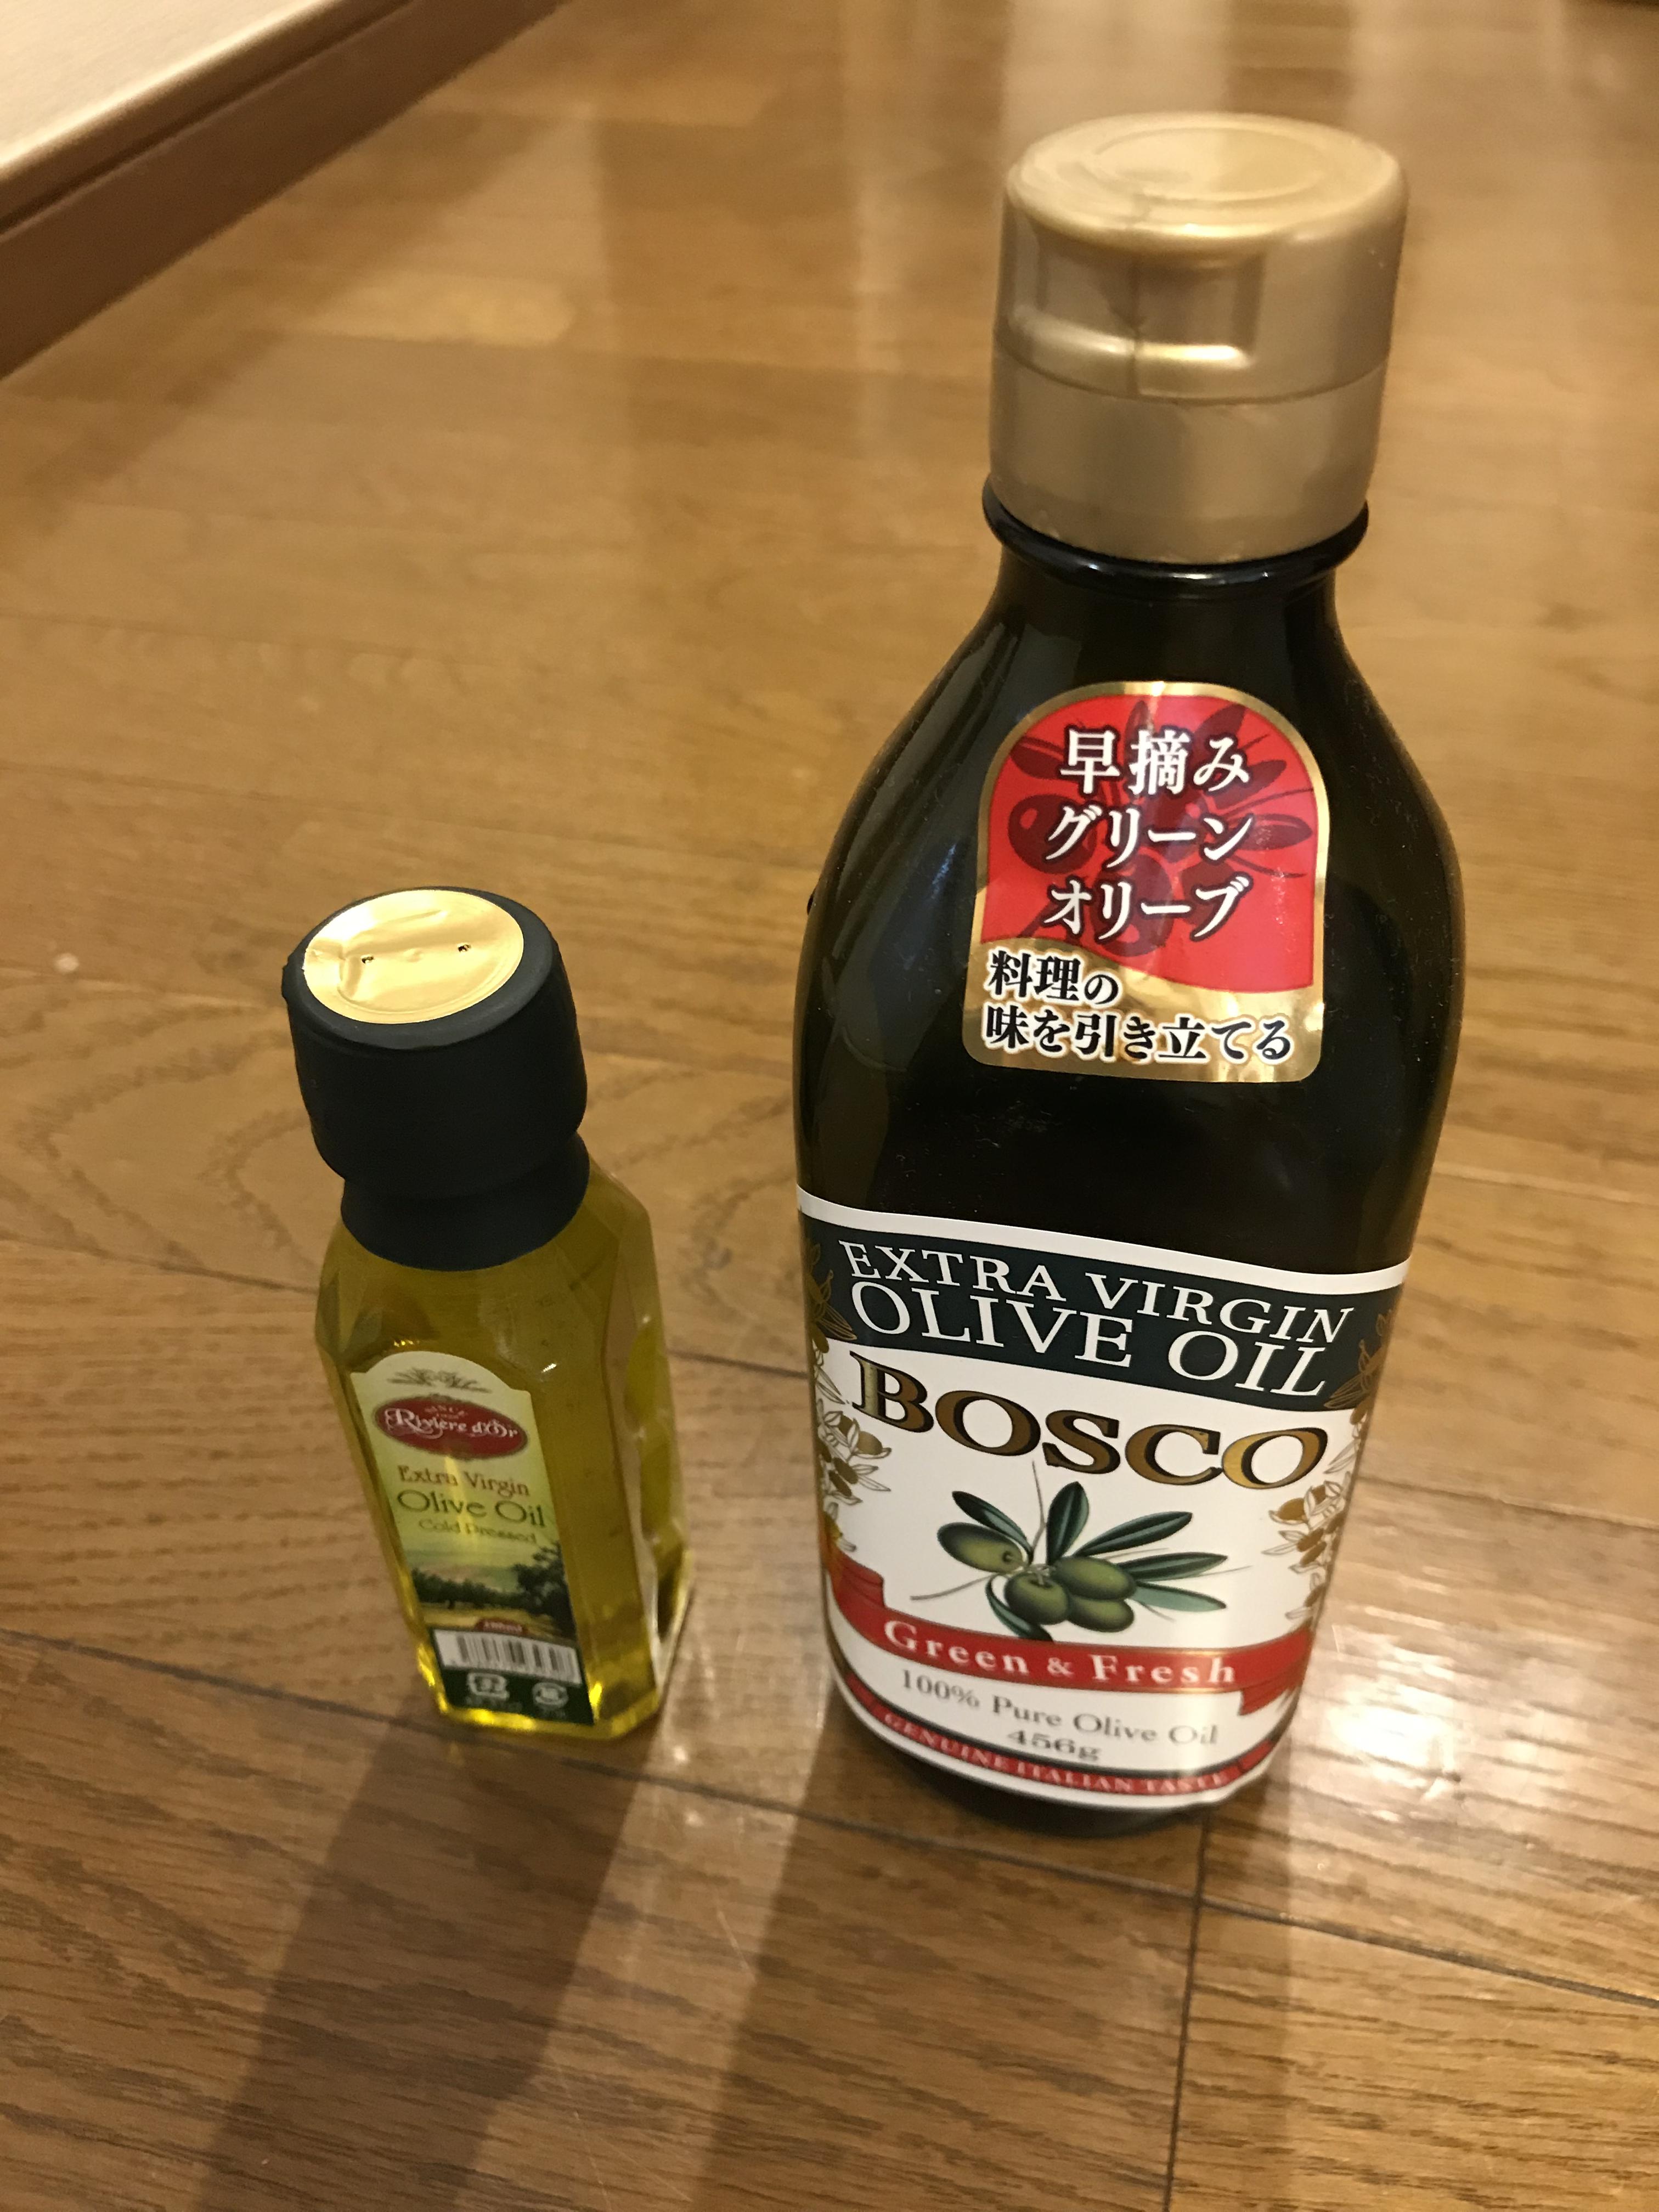 ダイソーのオリーブオイルと他の商品を食べ比べて分かった大きな違い